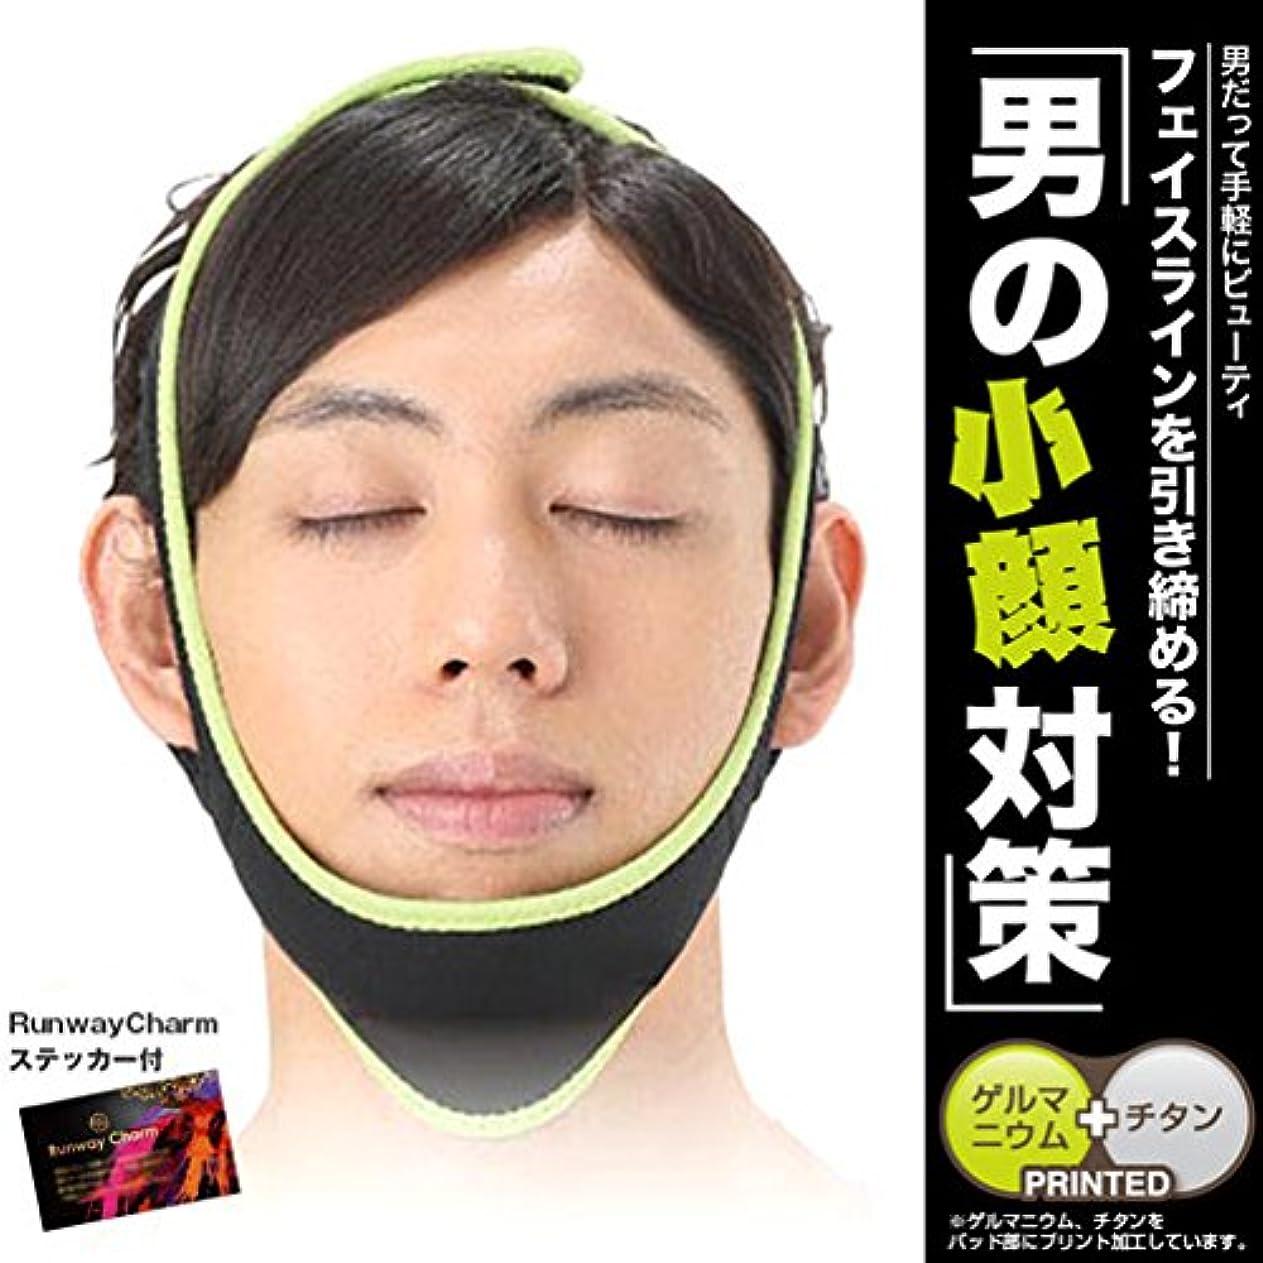 調停する権限を与える良心的メンズ用 寝ながらゲルマニウム ベルト 男女兼用 こがお たるみ 小顔マスク メンズ 男性用 男用 美顔器 美容グッズ [RCステッカー付]